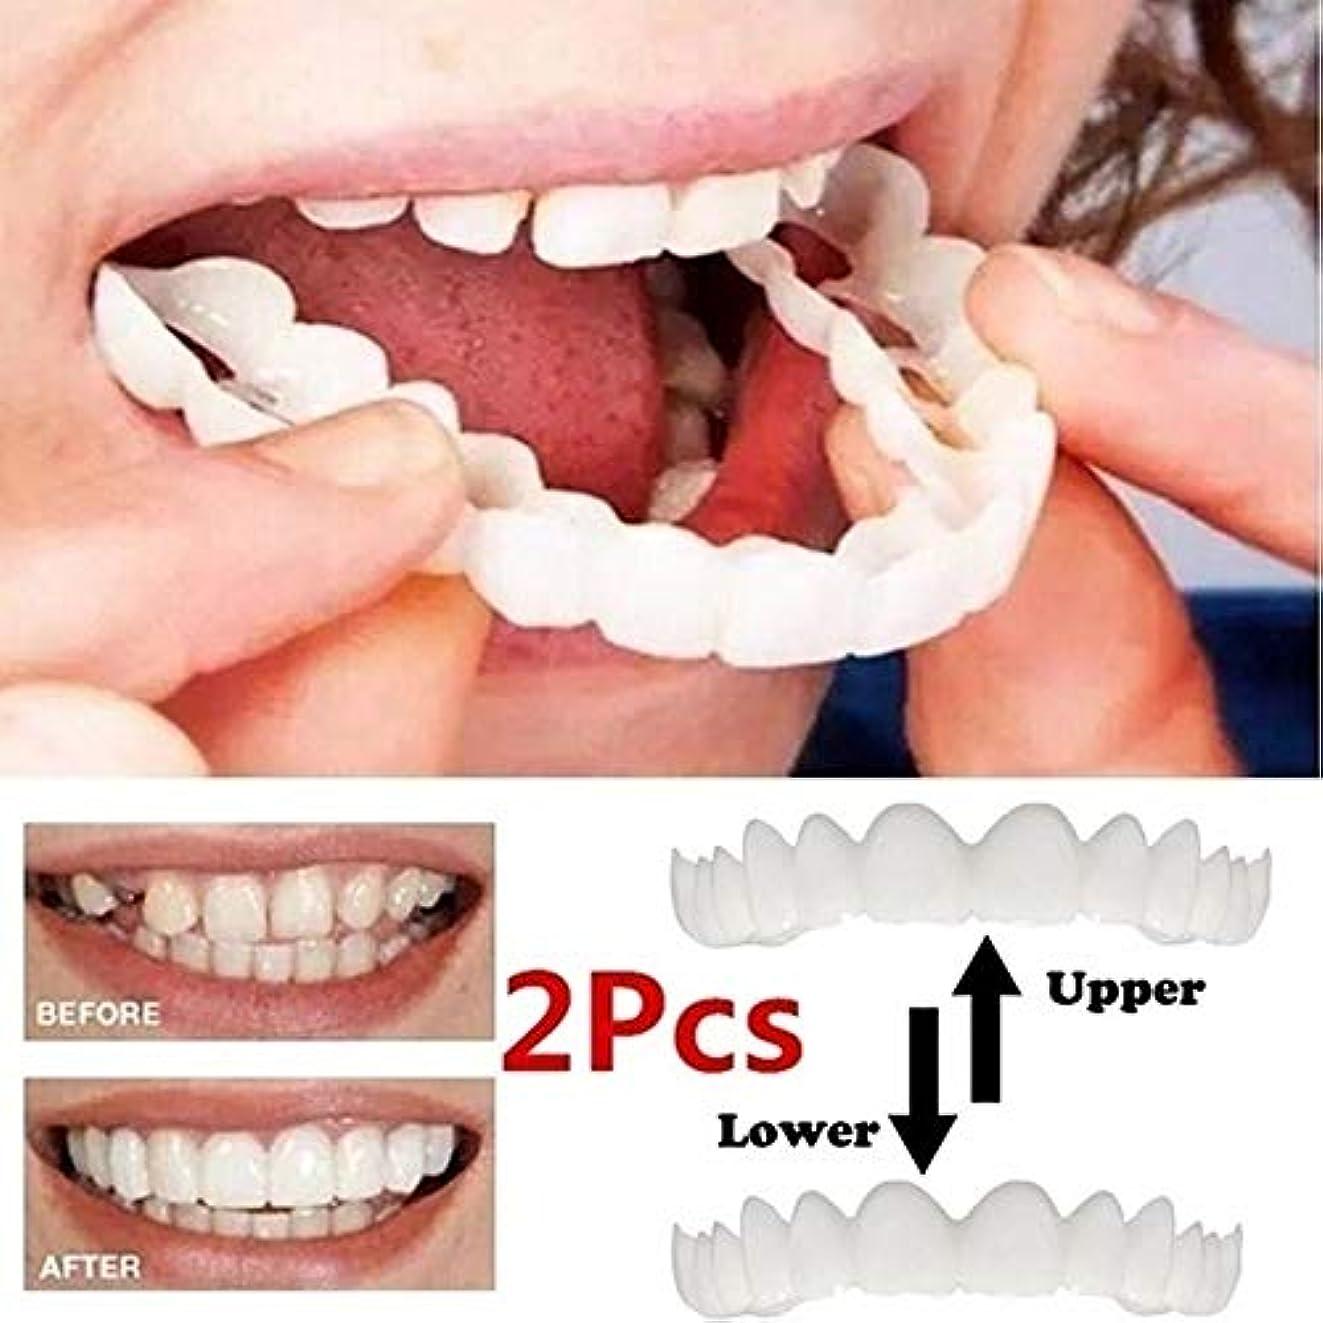 ファイアル予測する素晴らしい2本上下義歯インスタント笑顔ホワイトニング歯スナップキャップインスタント快適なフレックスパーフェクトベニヤ歯最も快適な義歯ケア